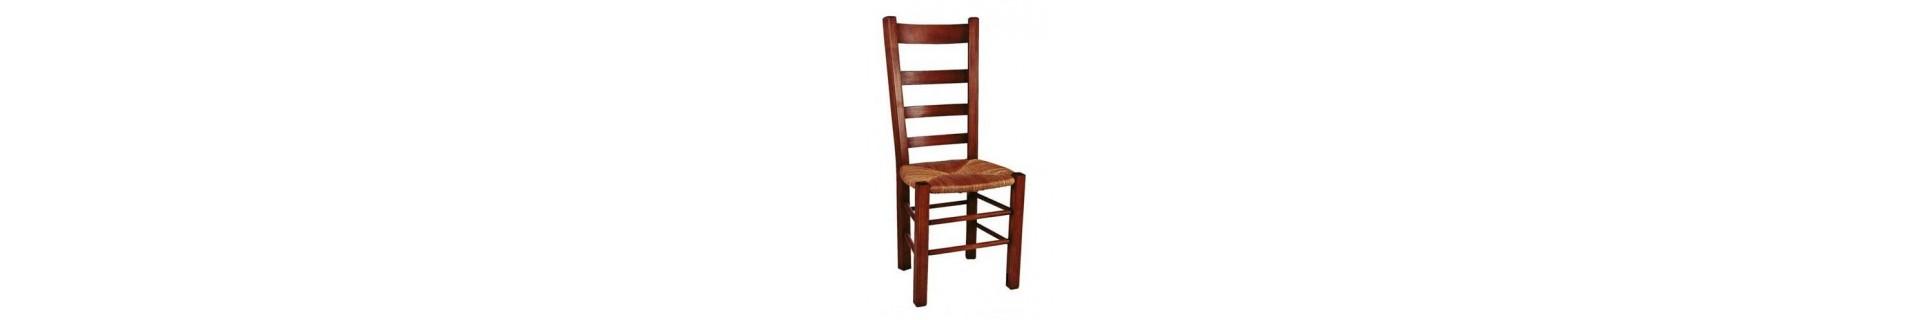 chaise paille housses de chaise